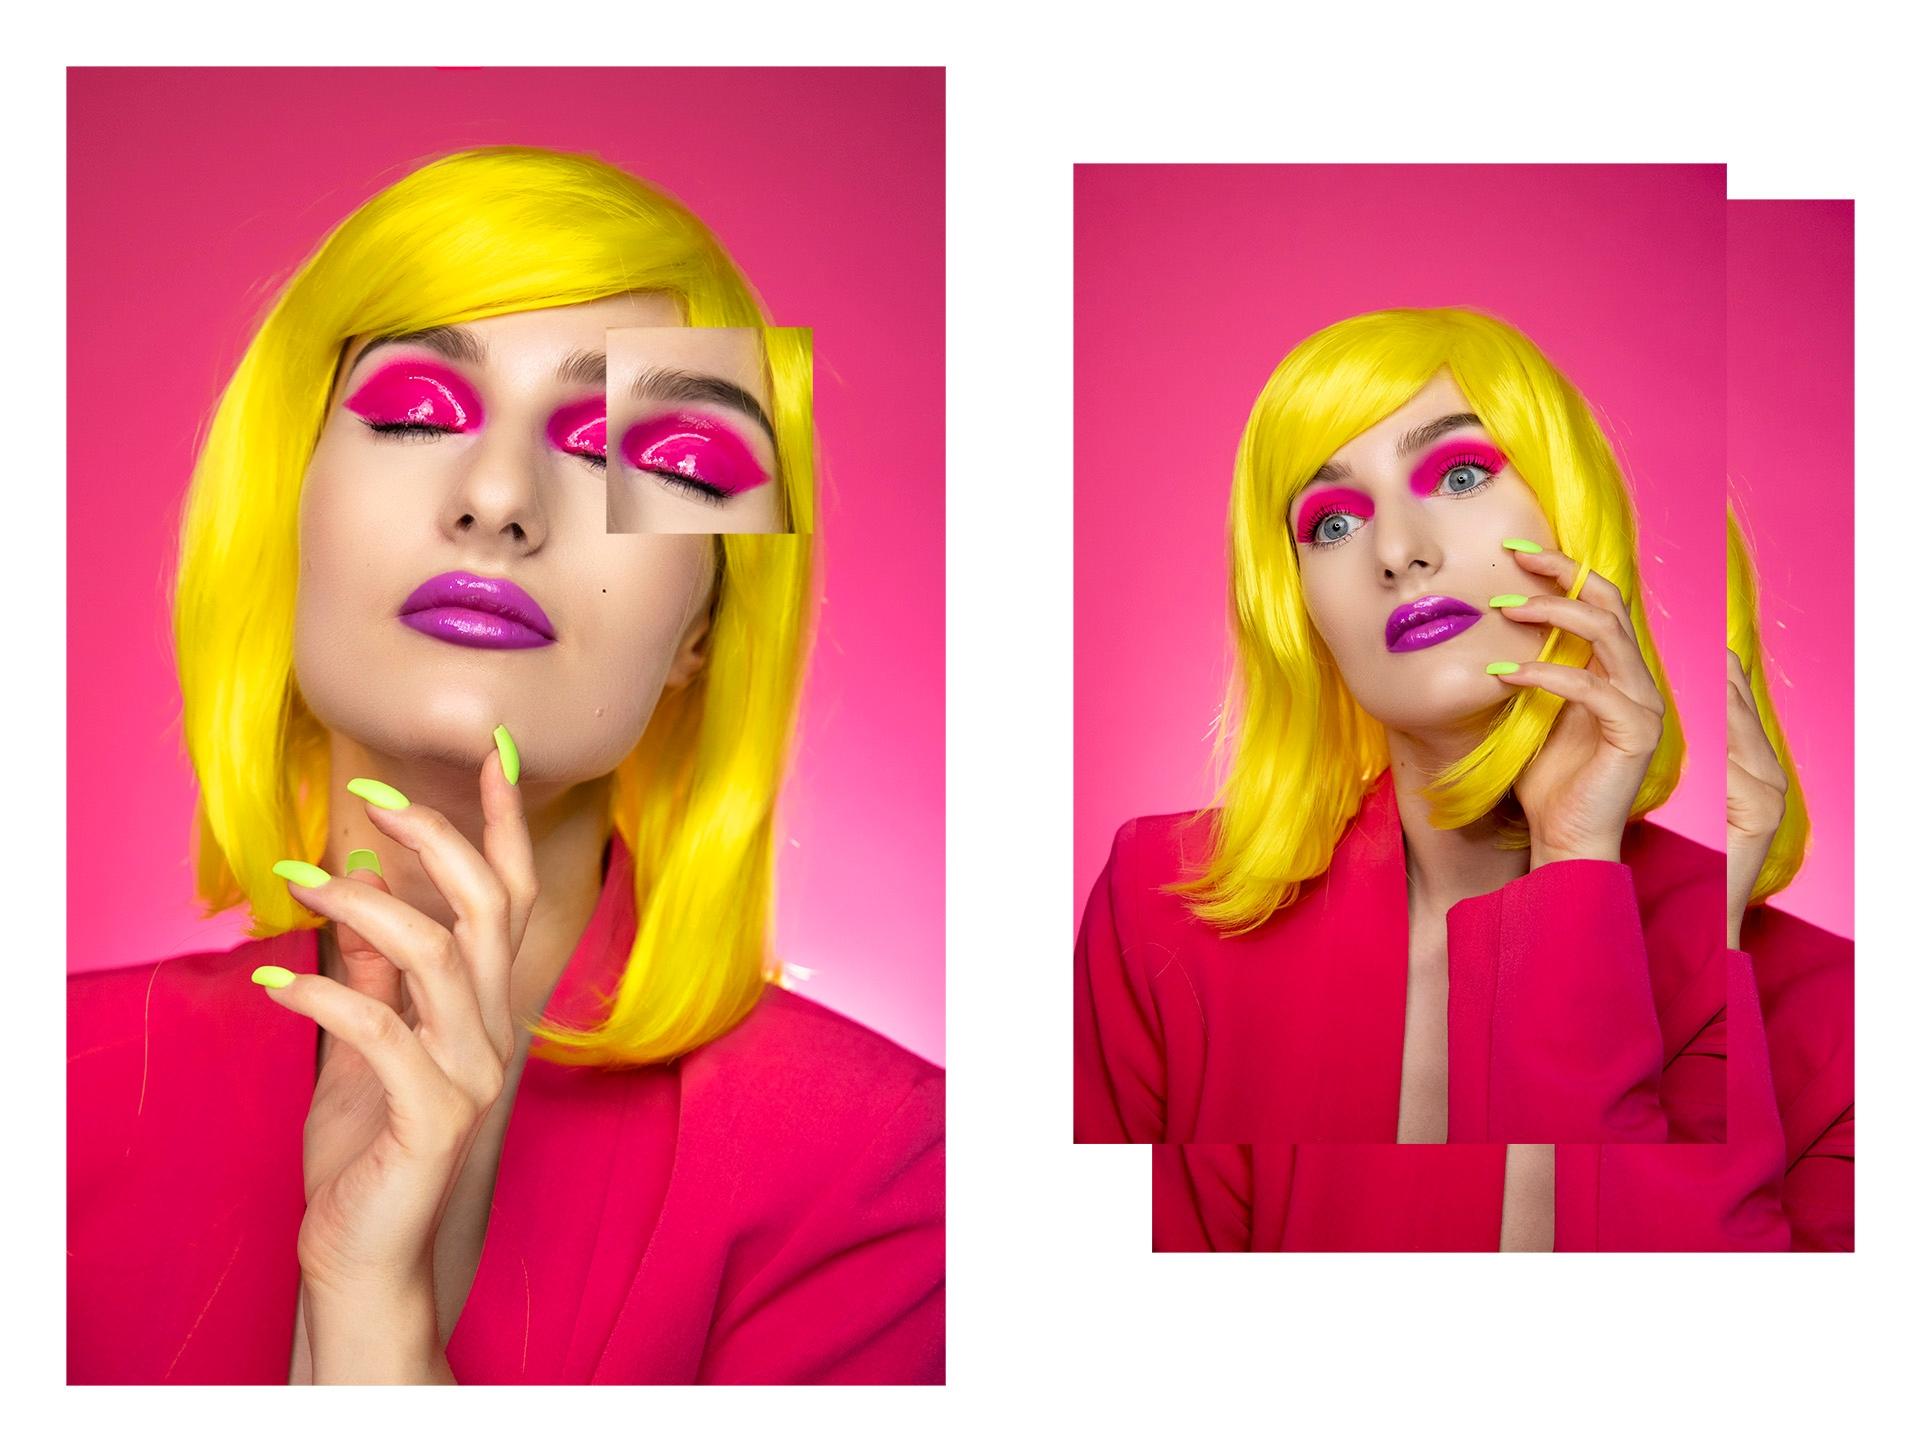 Obraz przedstawia zdjęcia kobiety w różowym makijażu i żółtych włosach. Całość na intensywnie różowym tle.